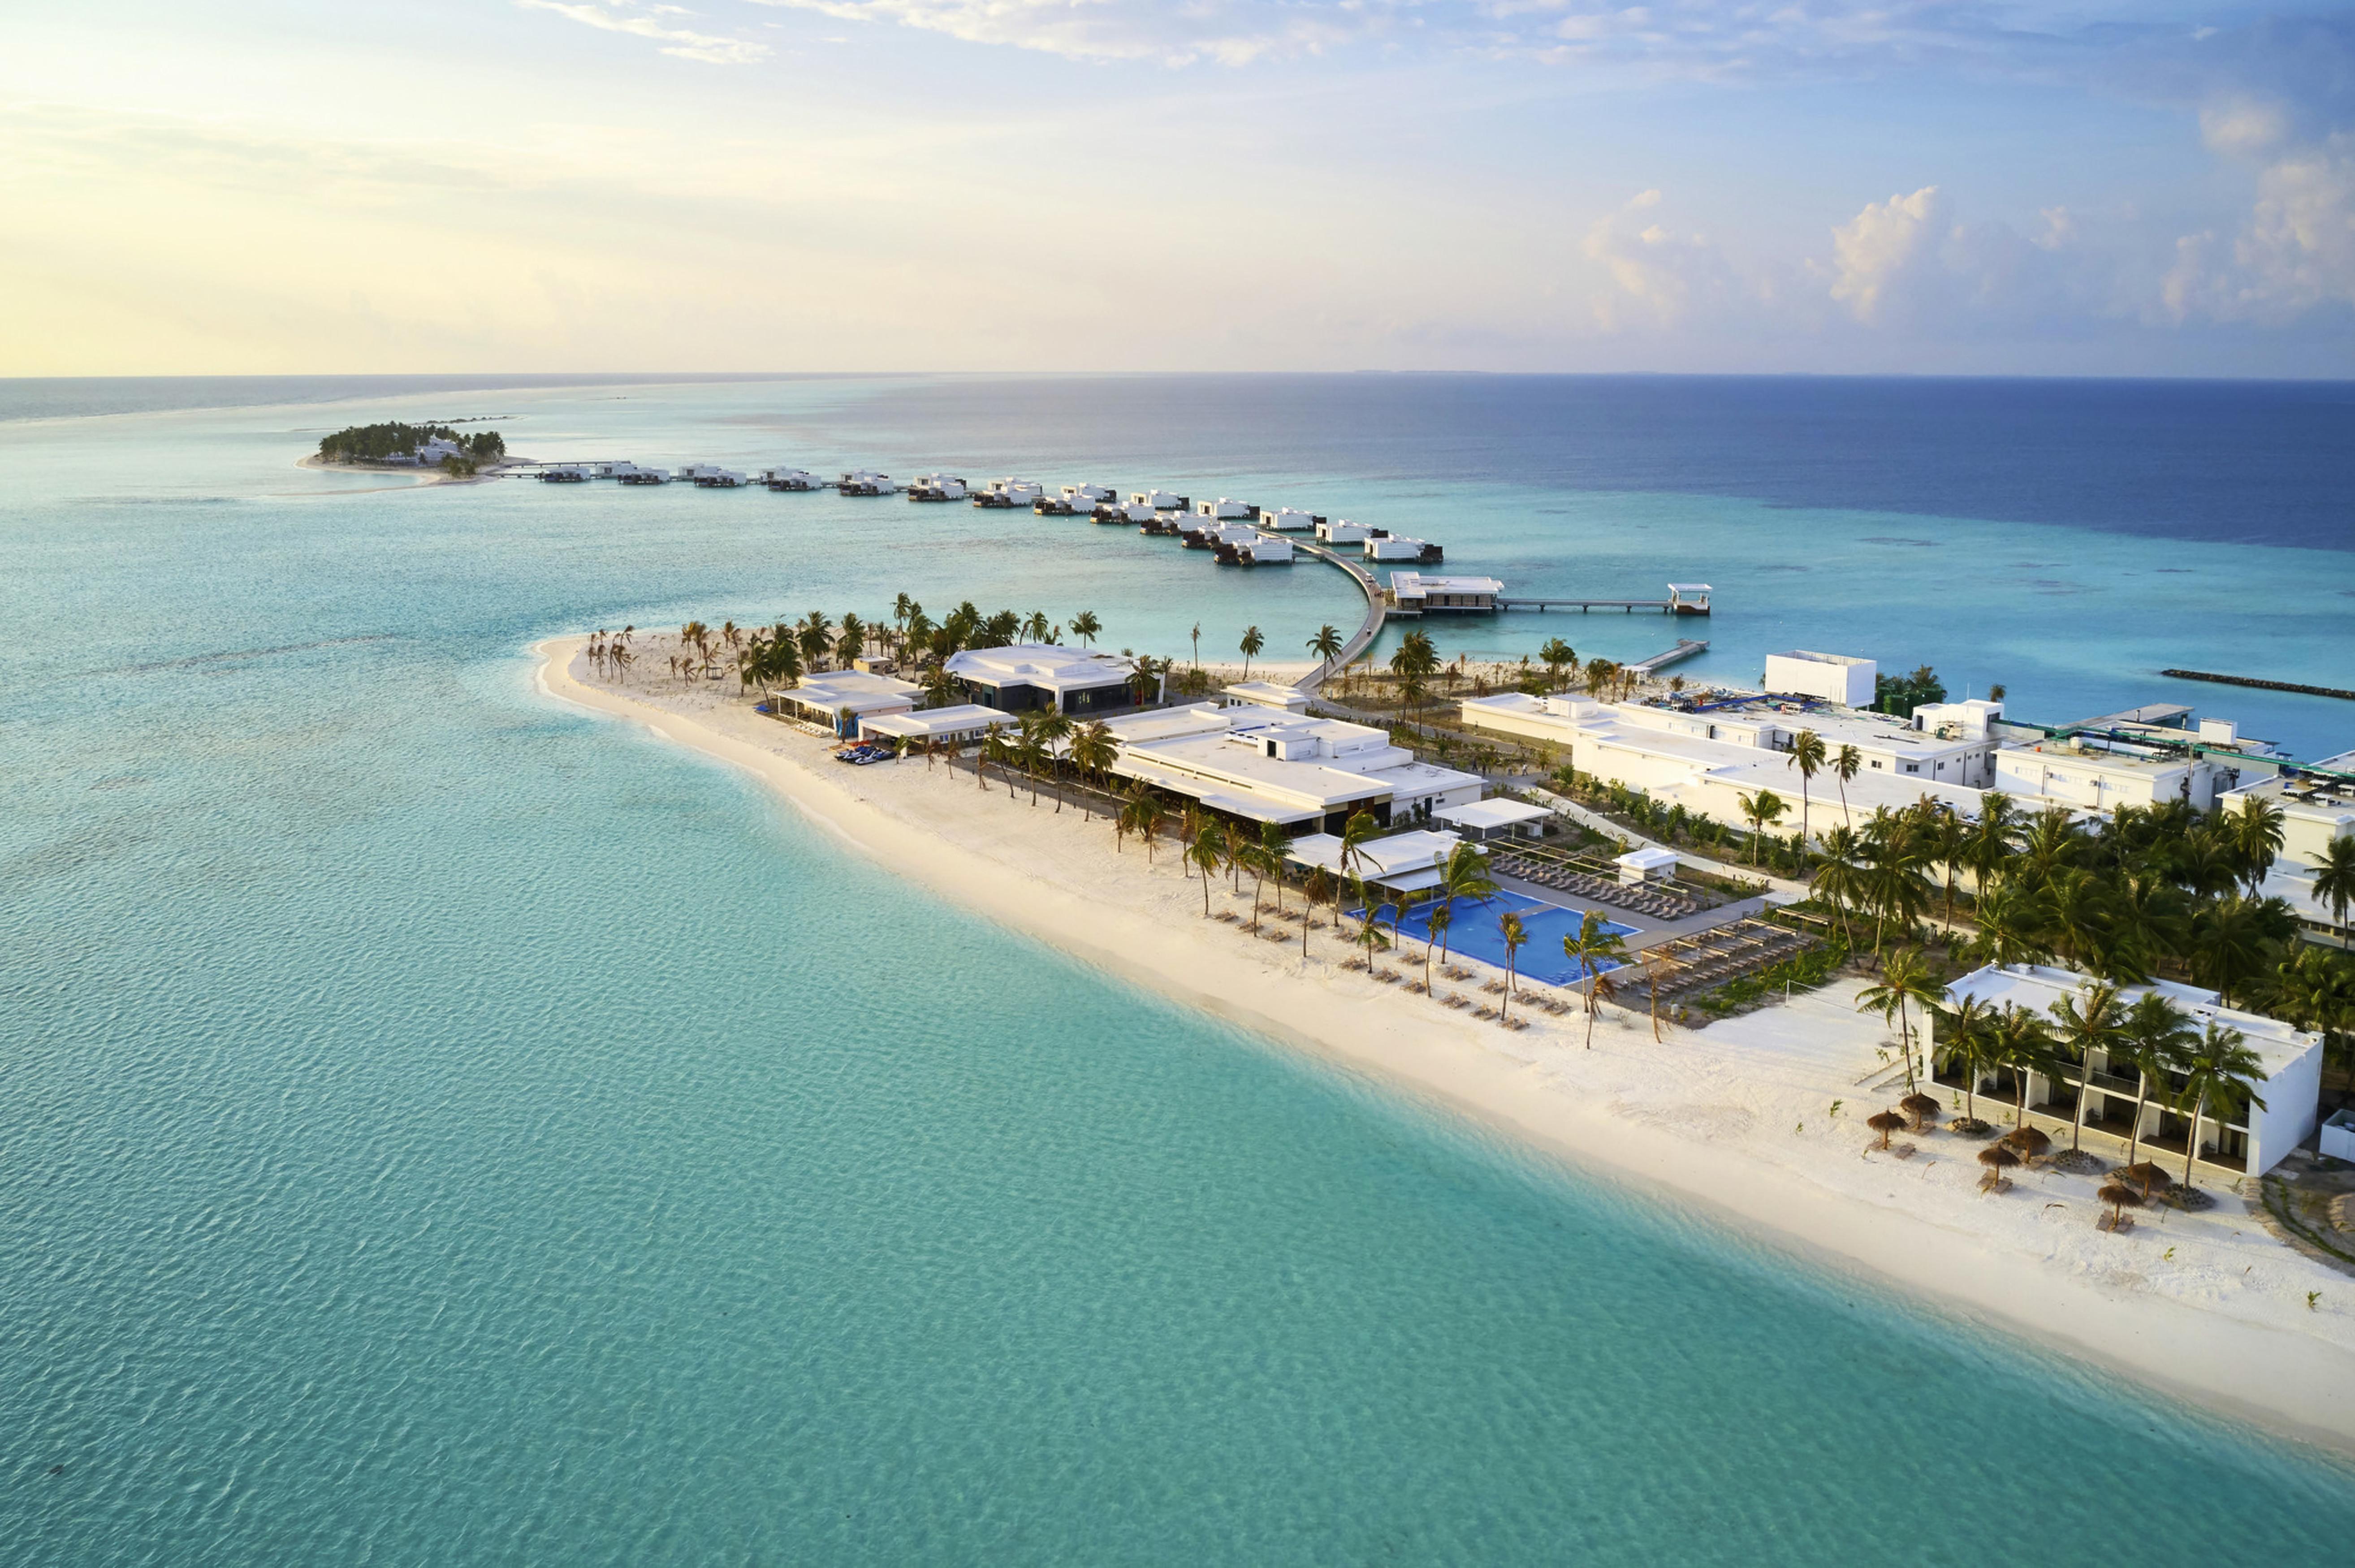 แพคเกจ มัลดีฟ Hotel RIU Atoll เดินทางโดย Domestic Flight + Speedboat (ไม่รวมตั๋วเครื่องบิน)